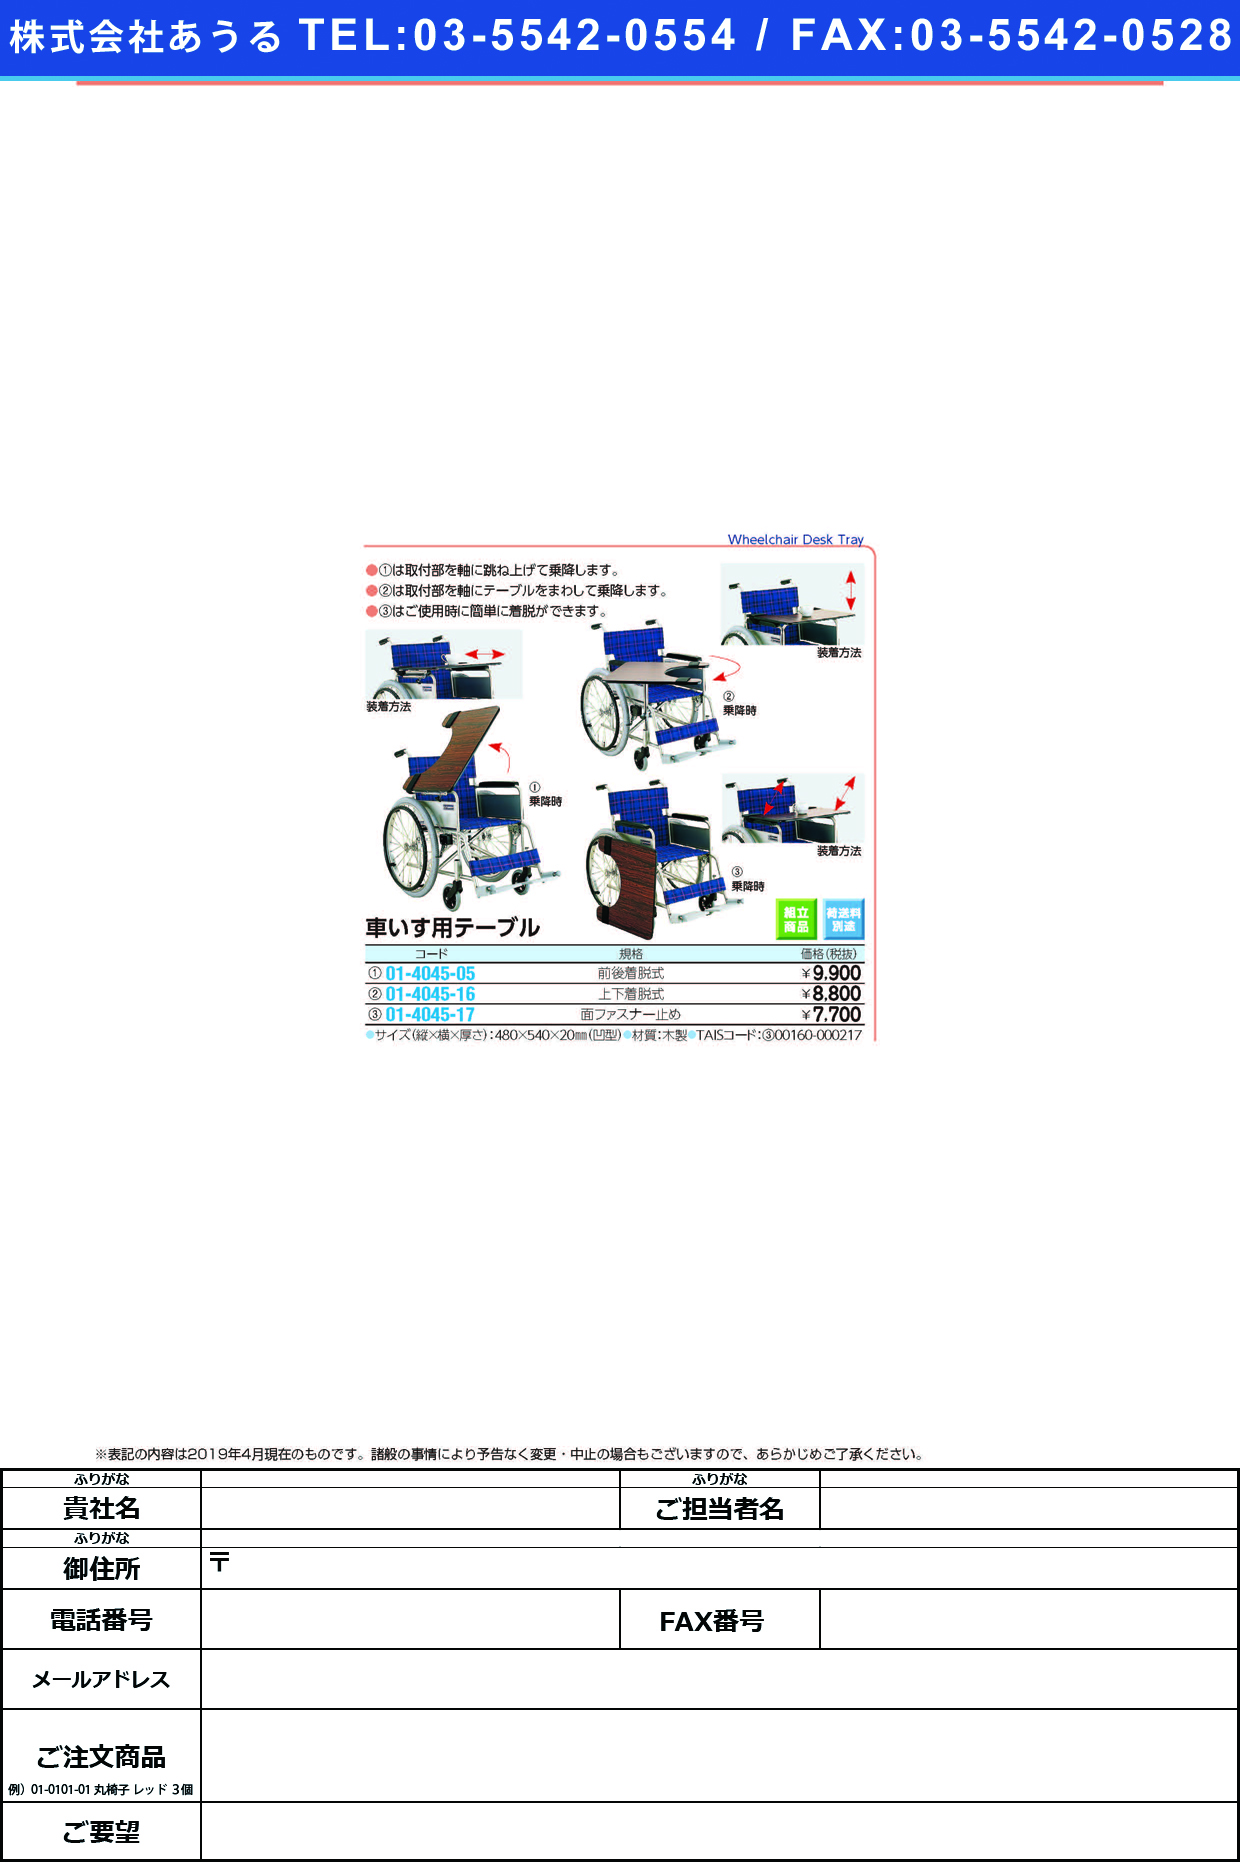 (01-4045-16)車いす用テーブル(上下脱着式) 54X48CM クルマイスヨウテーブル(ジョウゲ)(カワムラサイクル)【1枚単位】【2019年カタログ商品】